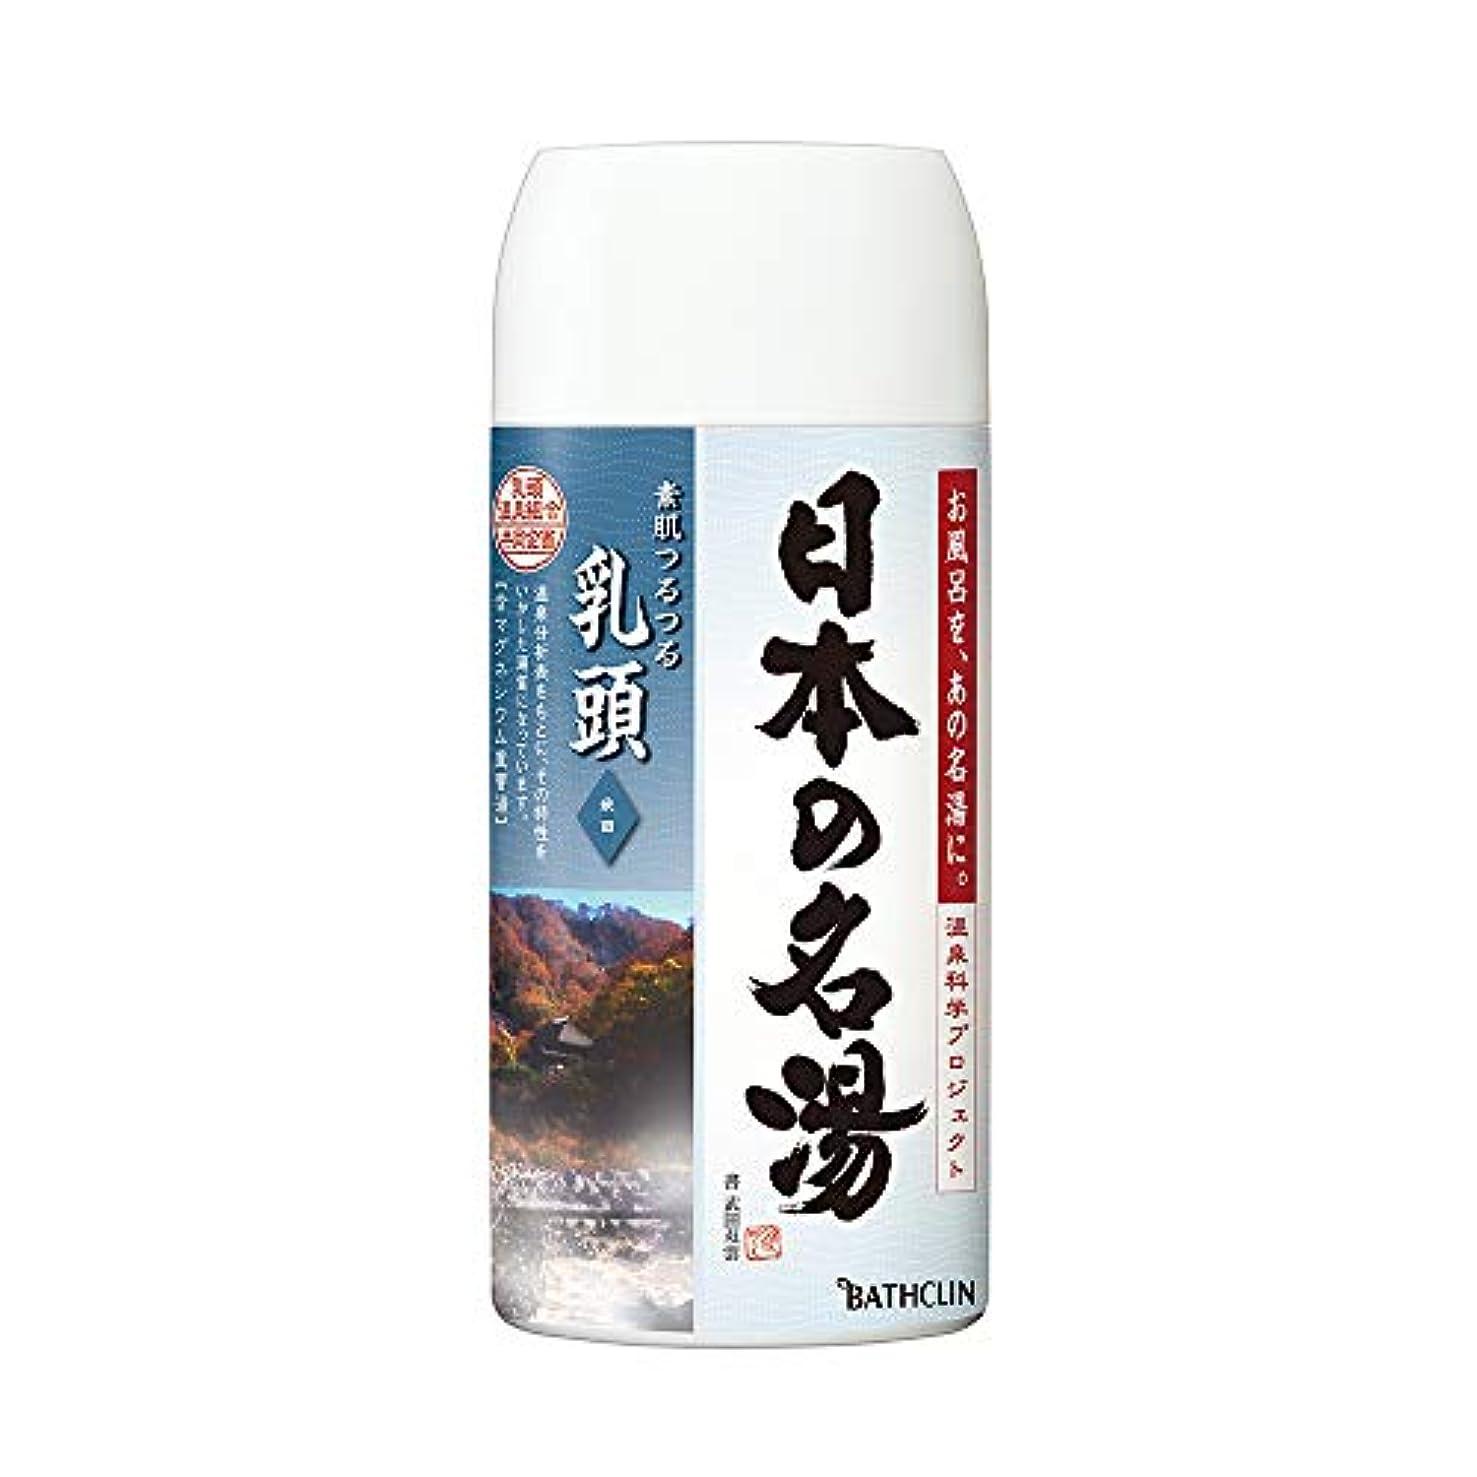 ヒップ食い違いミニチュア【医薬部外品】日本の名湯入浴剤 乳頭(秋田) 450g にごり湯 温泉タイプ